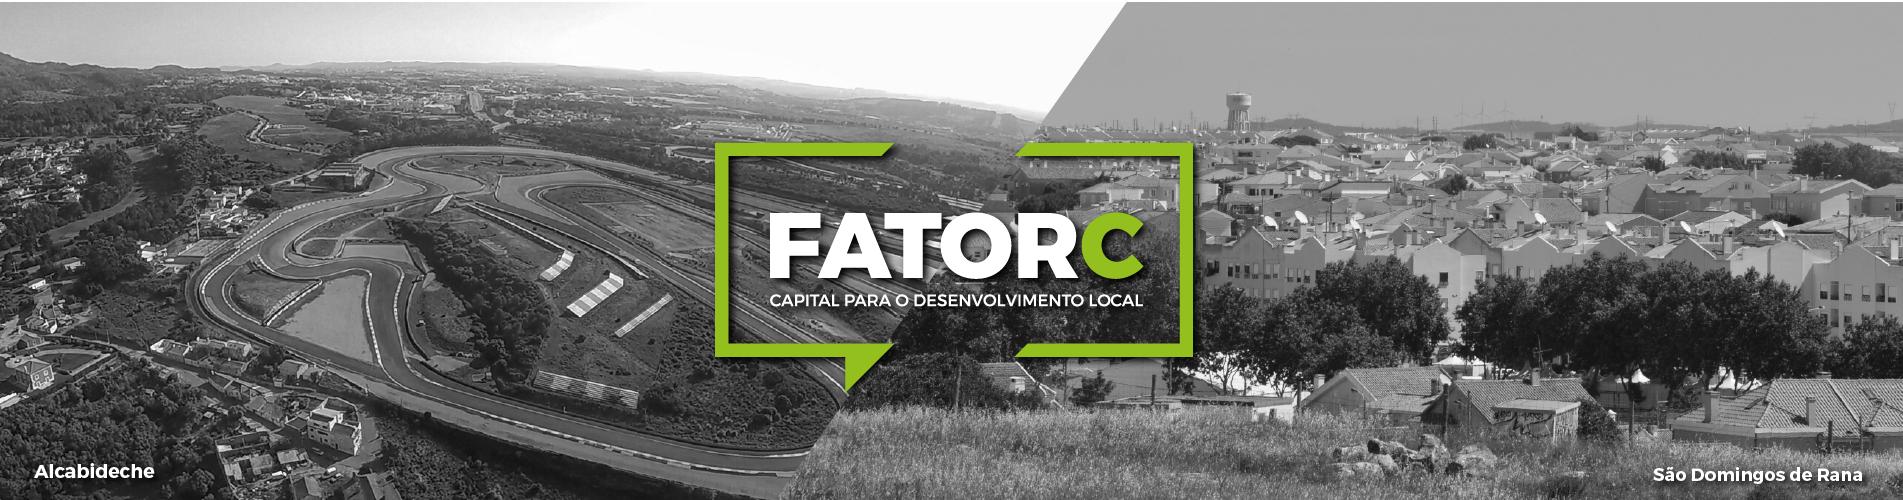 FatorC - Capital para o desenvolvimento local alcabideche e são domingos de rana